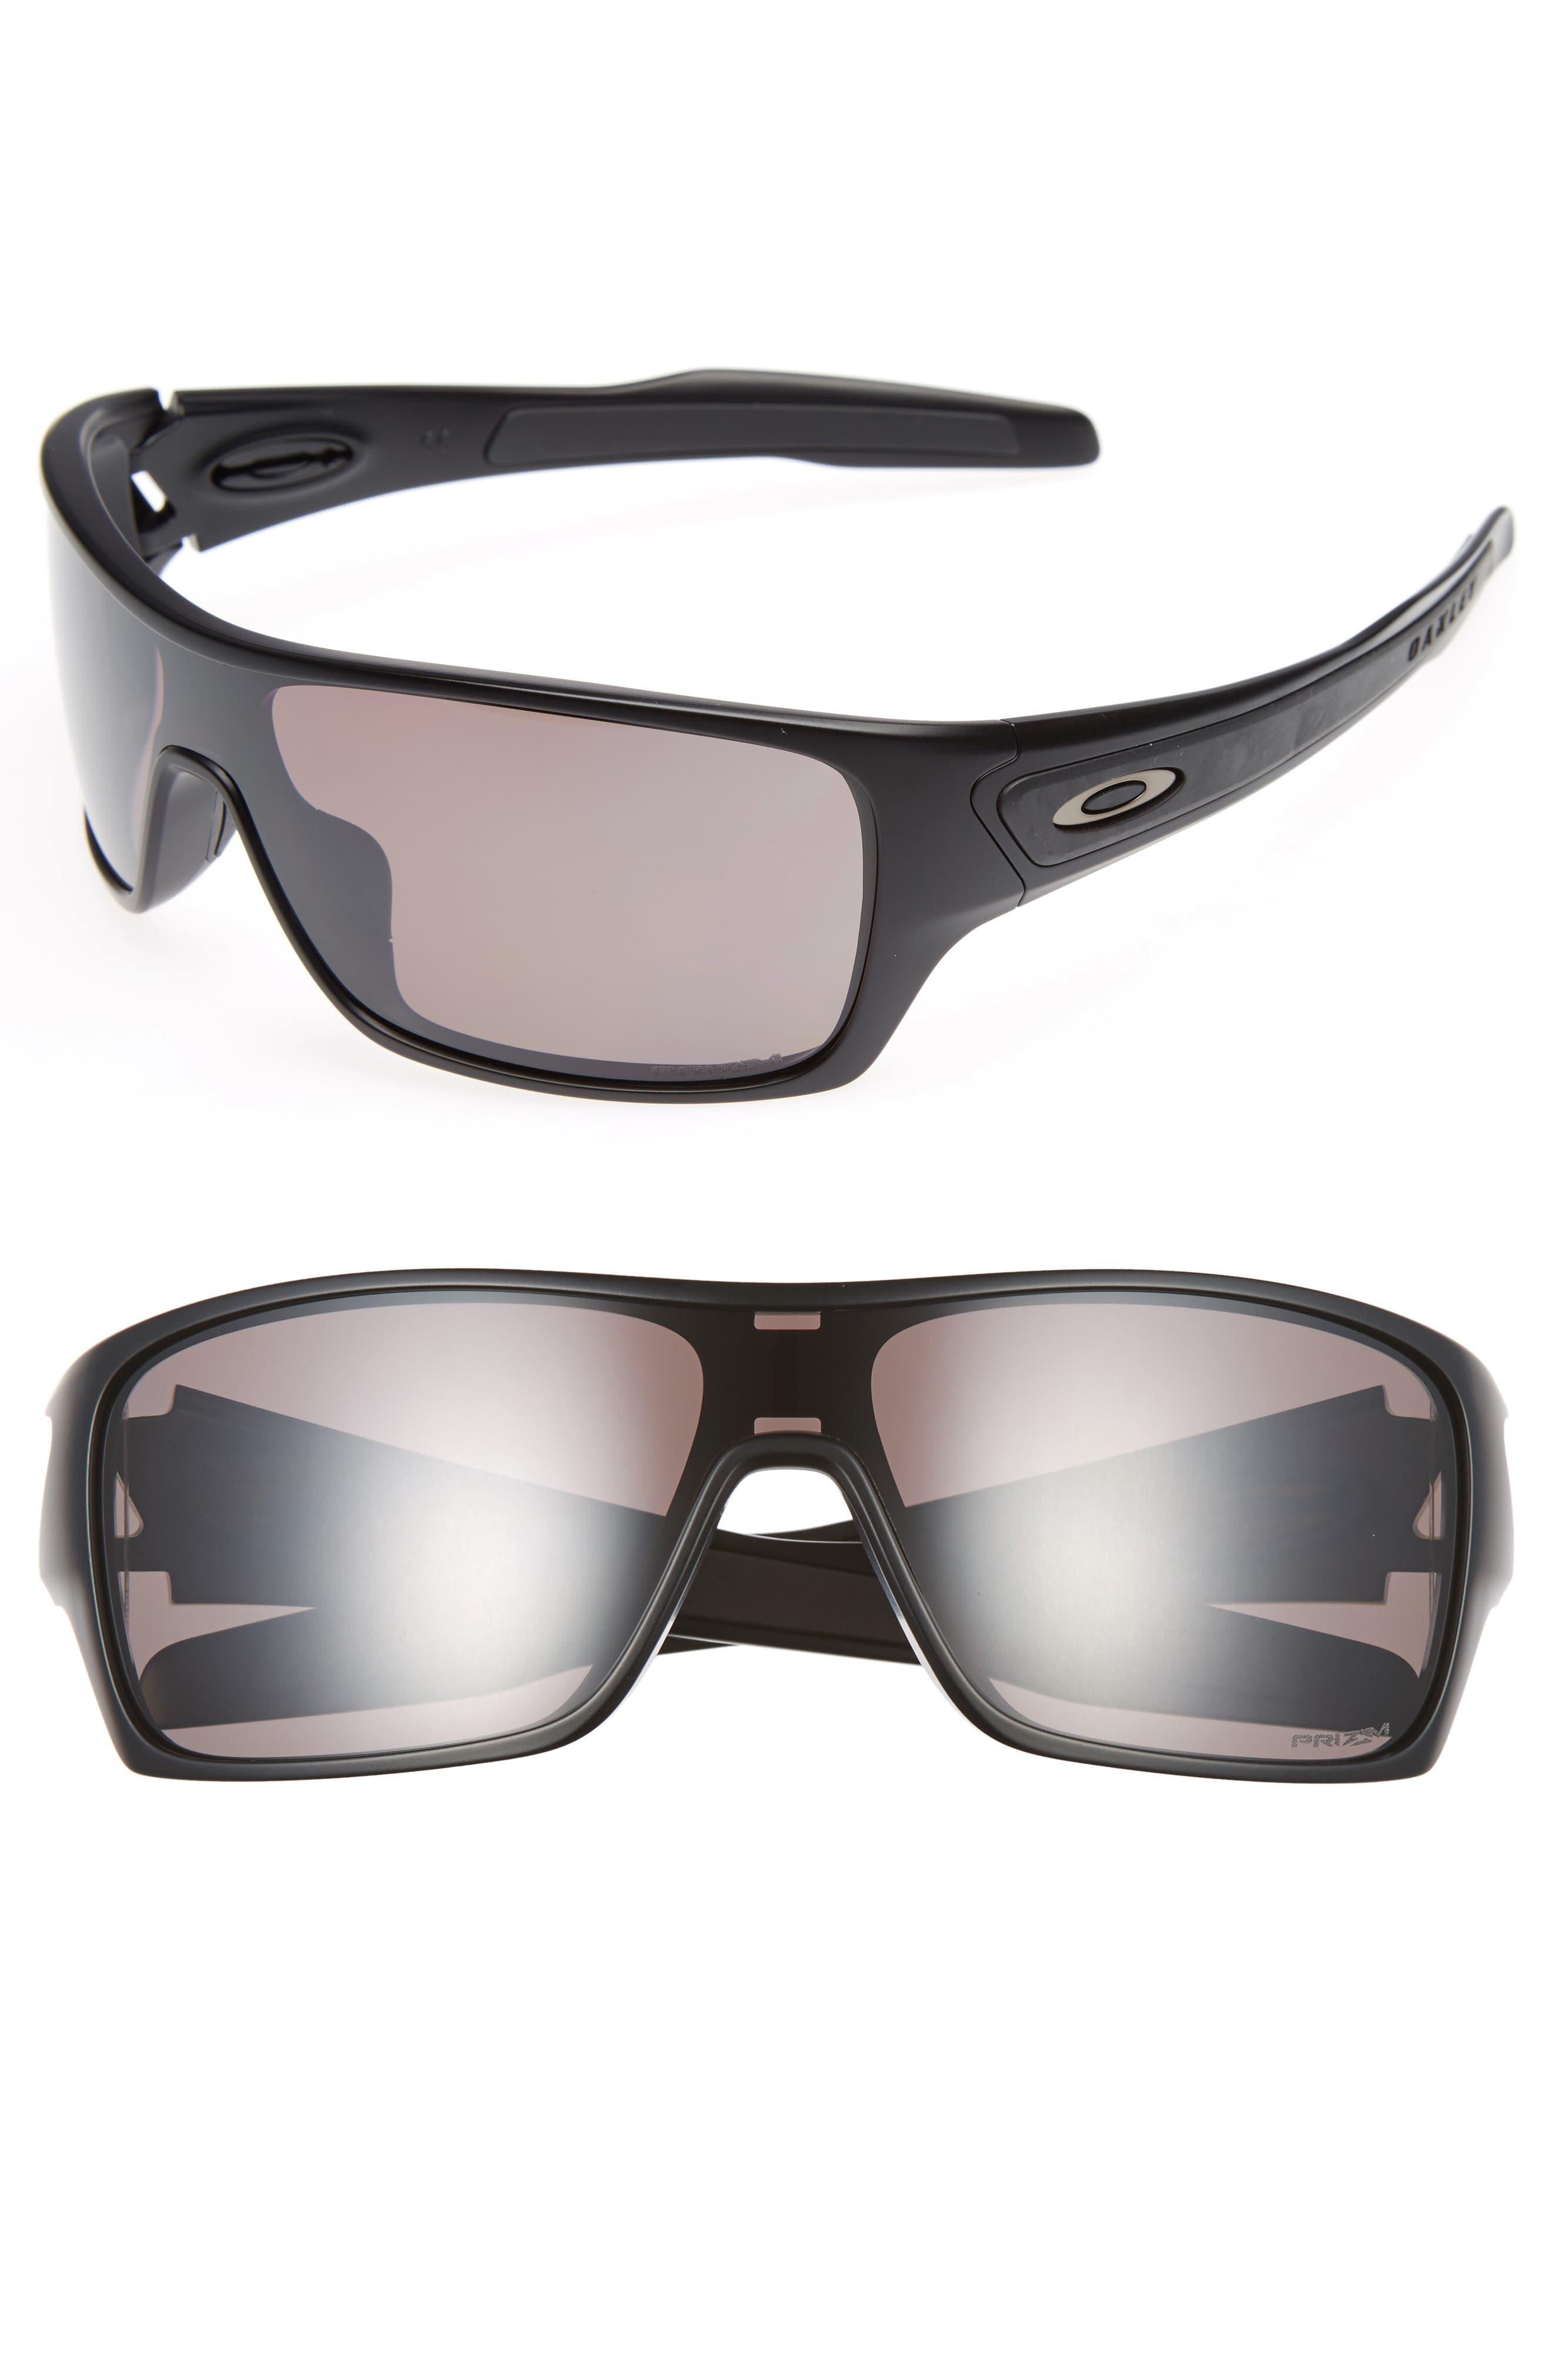 Turbine Rotor 68mm Polarized Sunglasses,                             Alternate thumbnail 2, color,                             BLACK